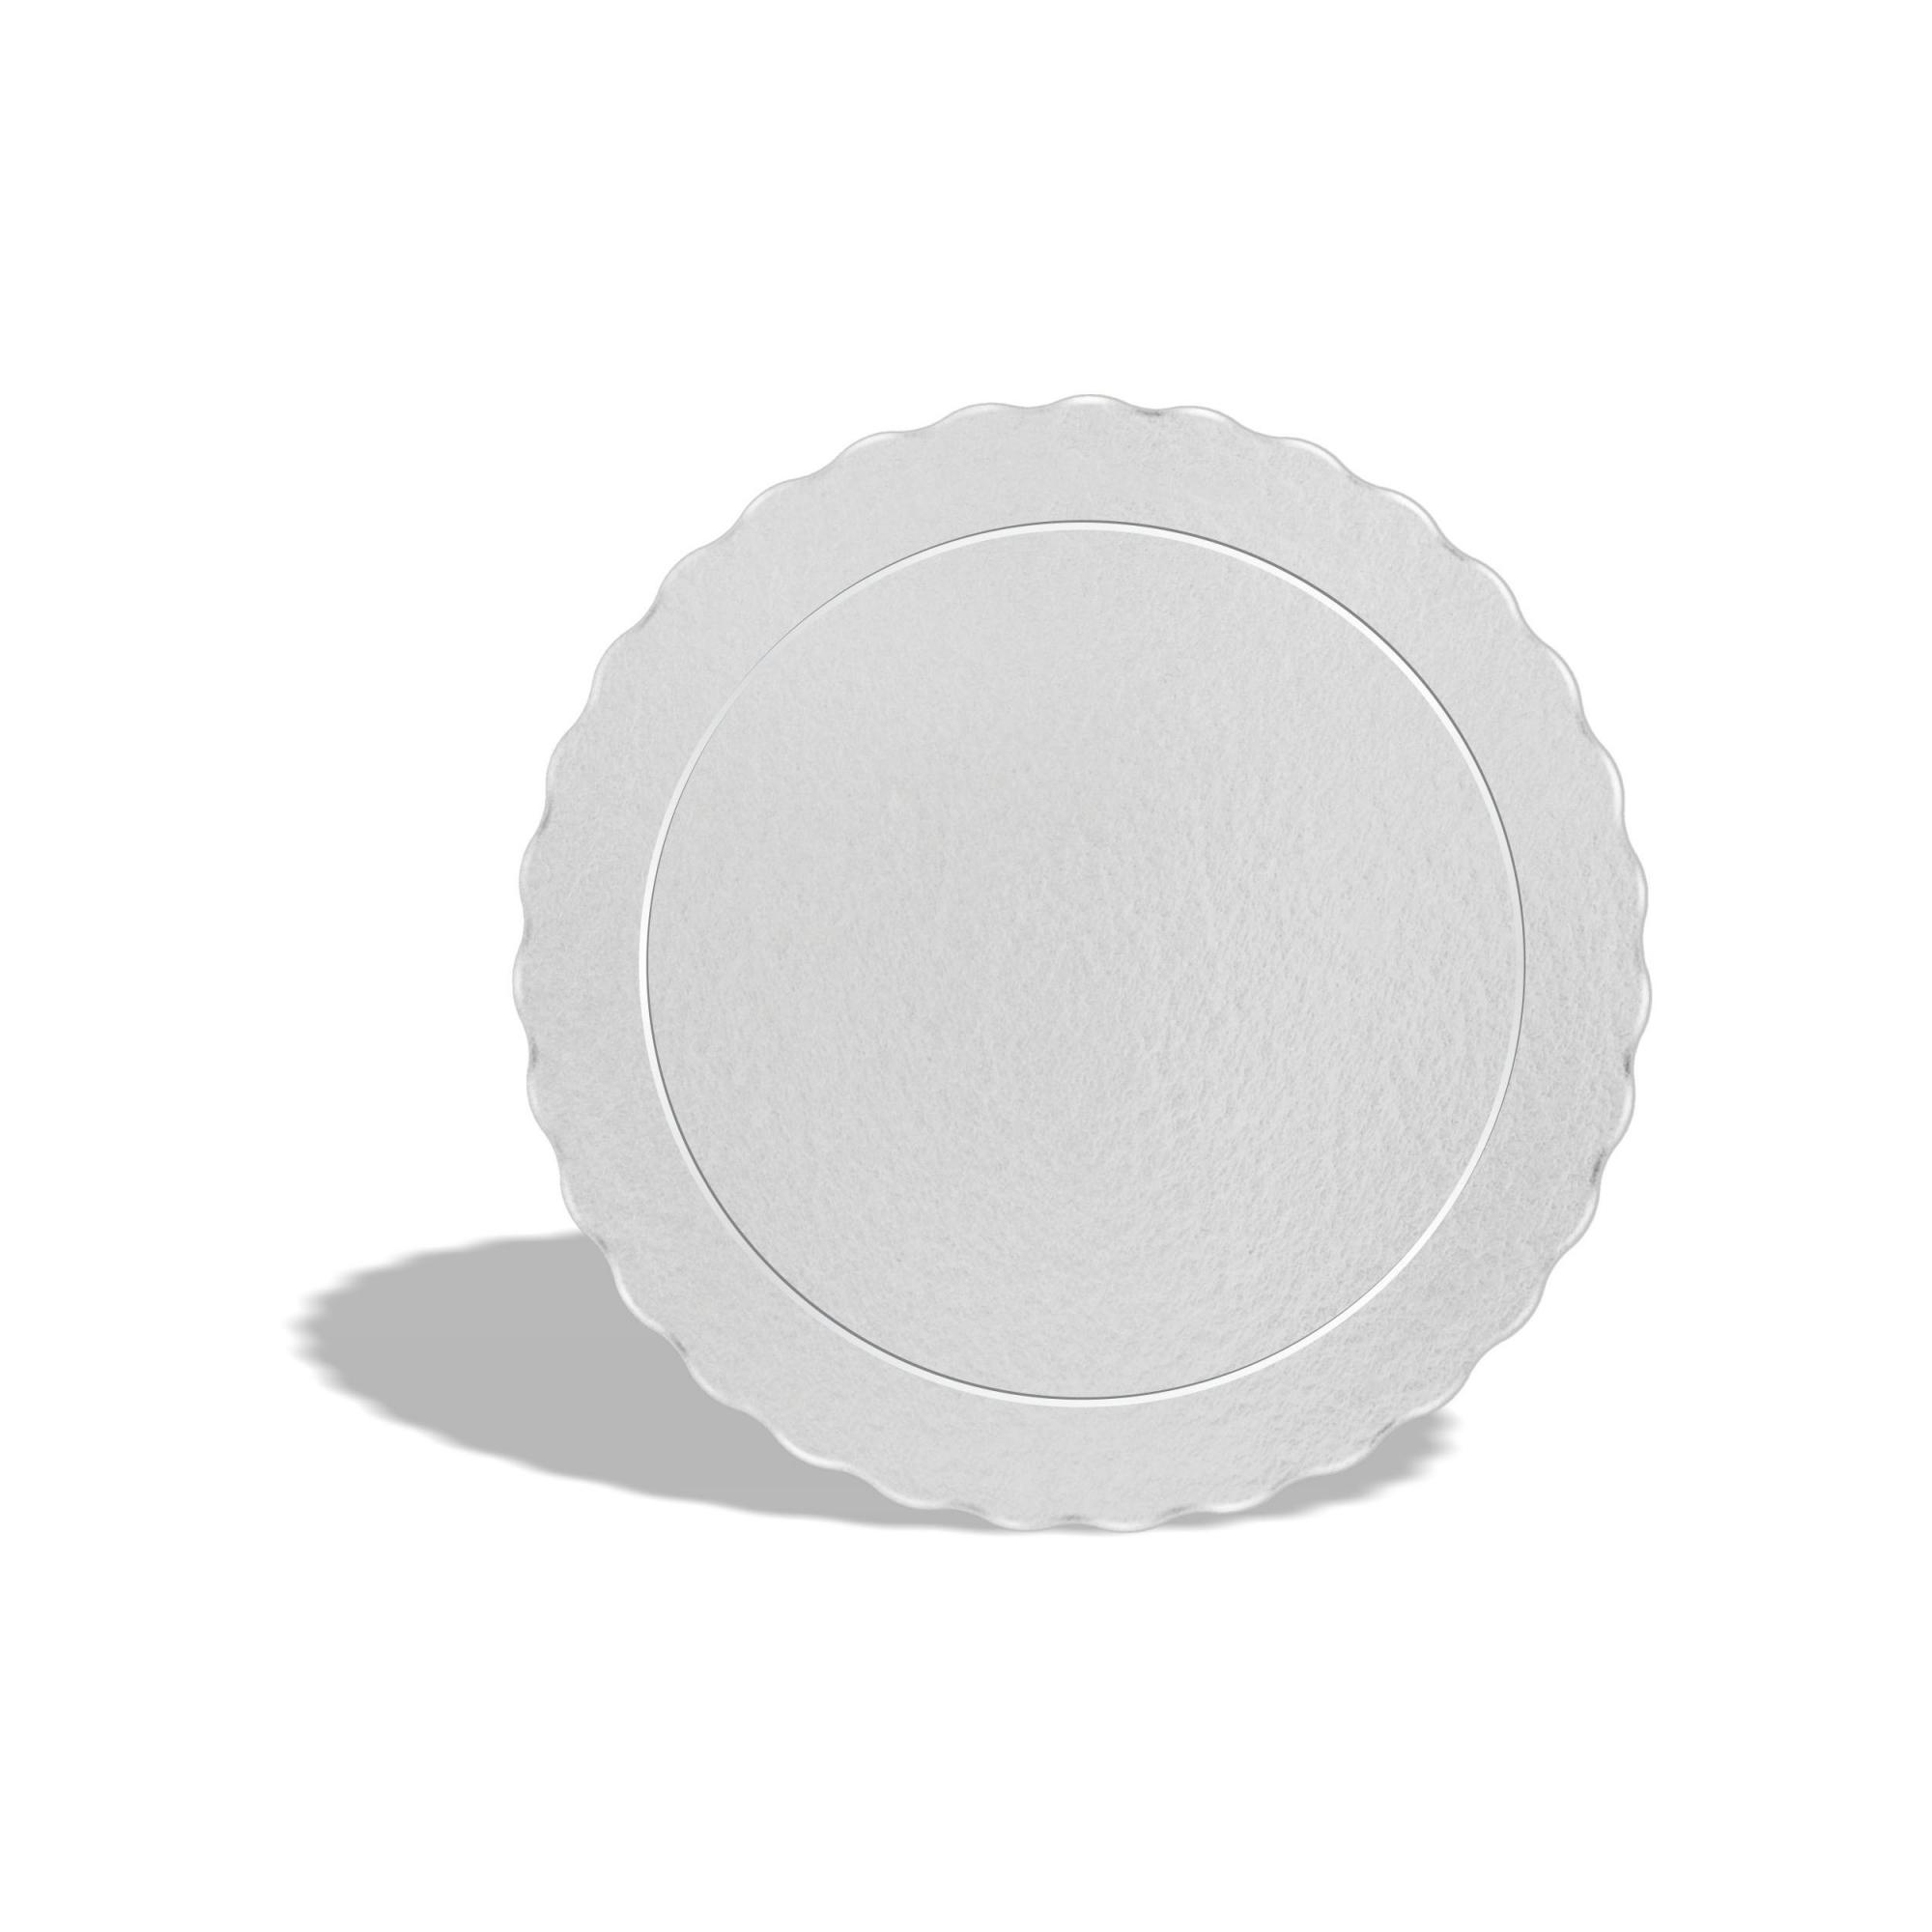 100 Bases Laminadas Para Bolo Redondo, Cake Board 26cm - Branco